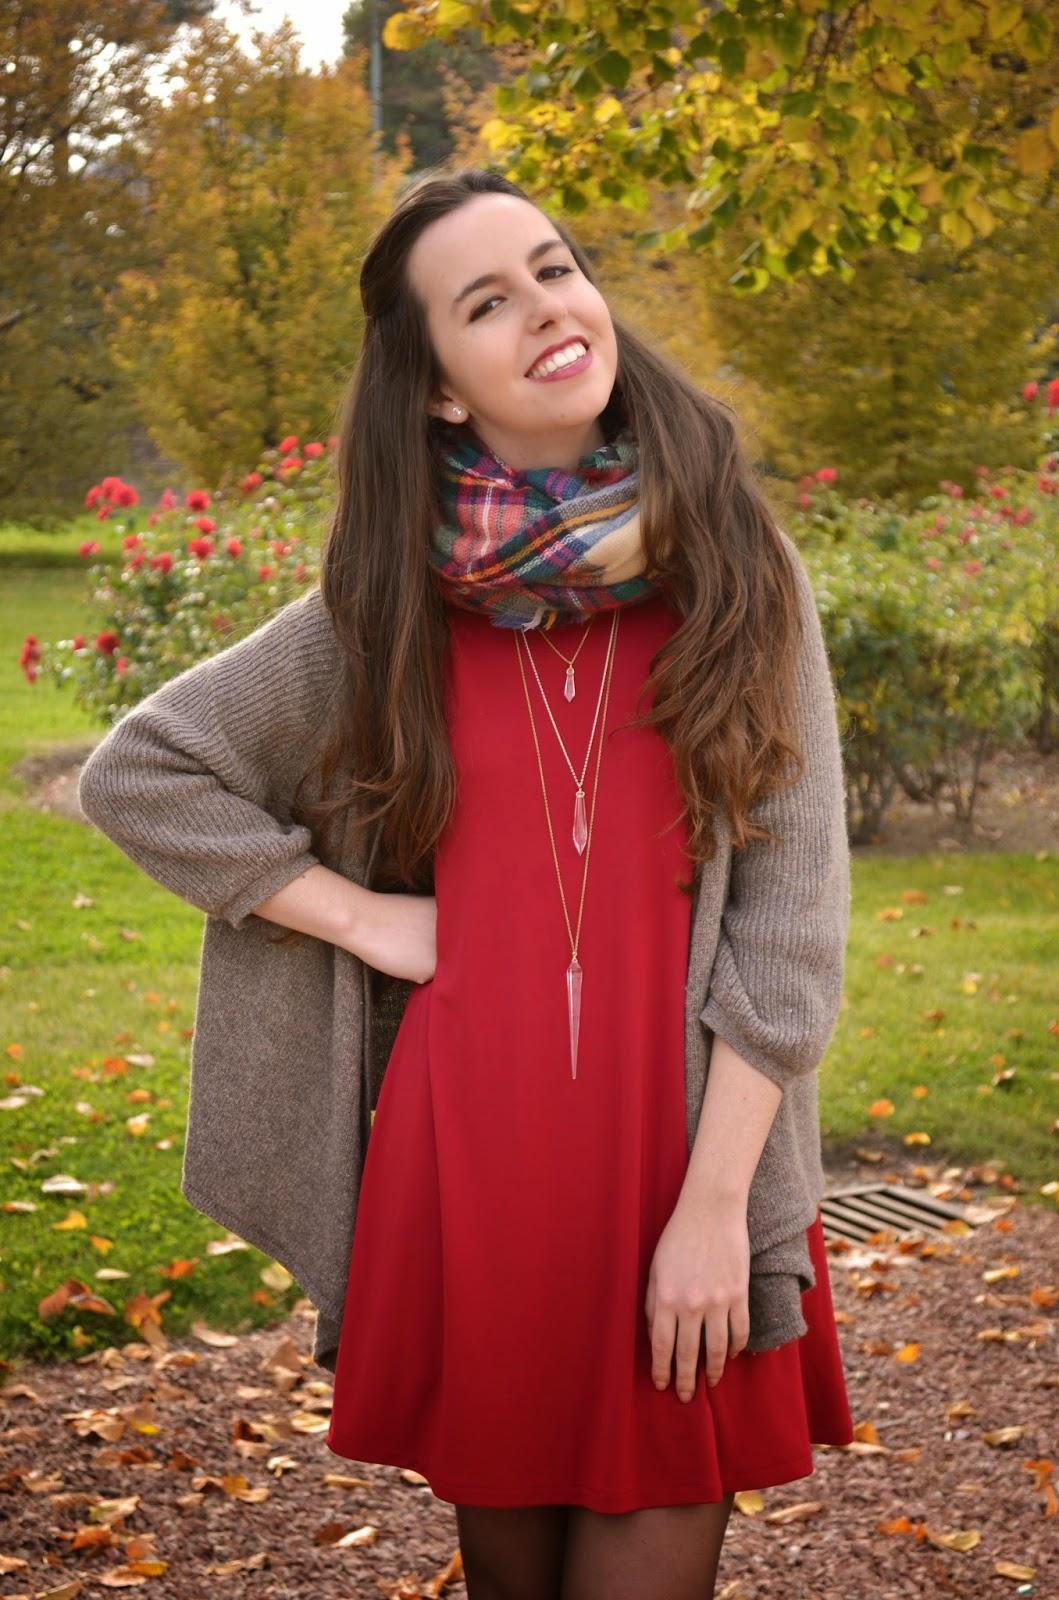 hey vicky hey, victoria suarez, navidad, vestido rojo, maxi bufanda